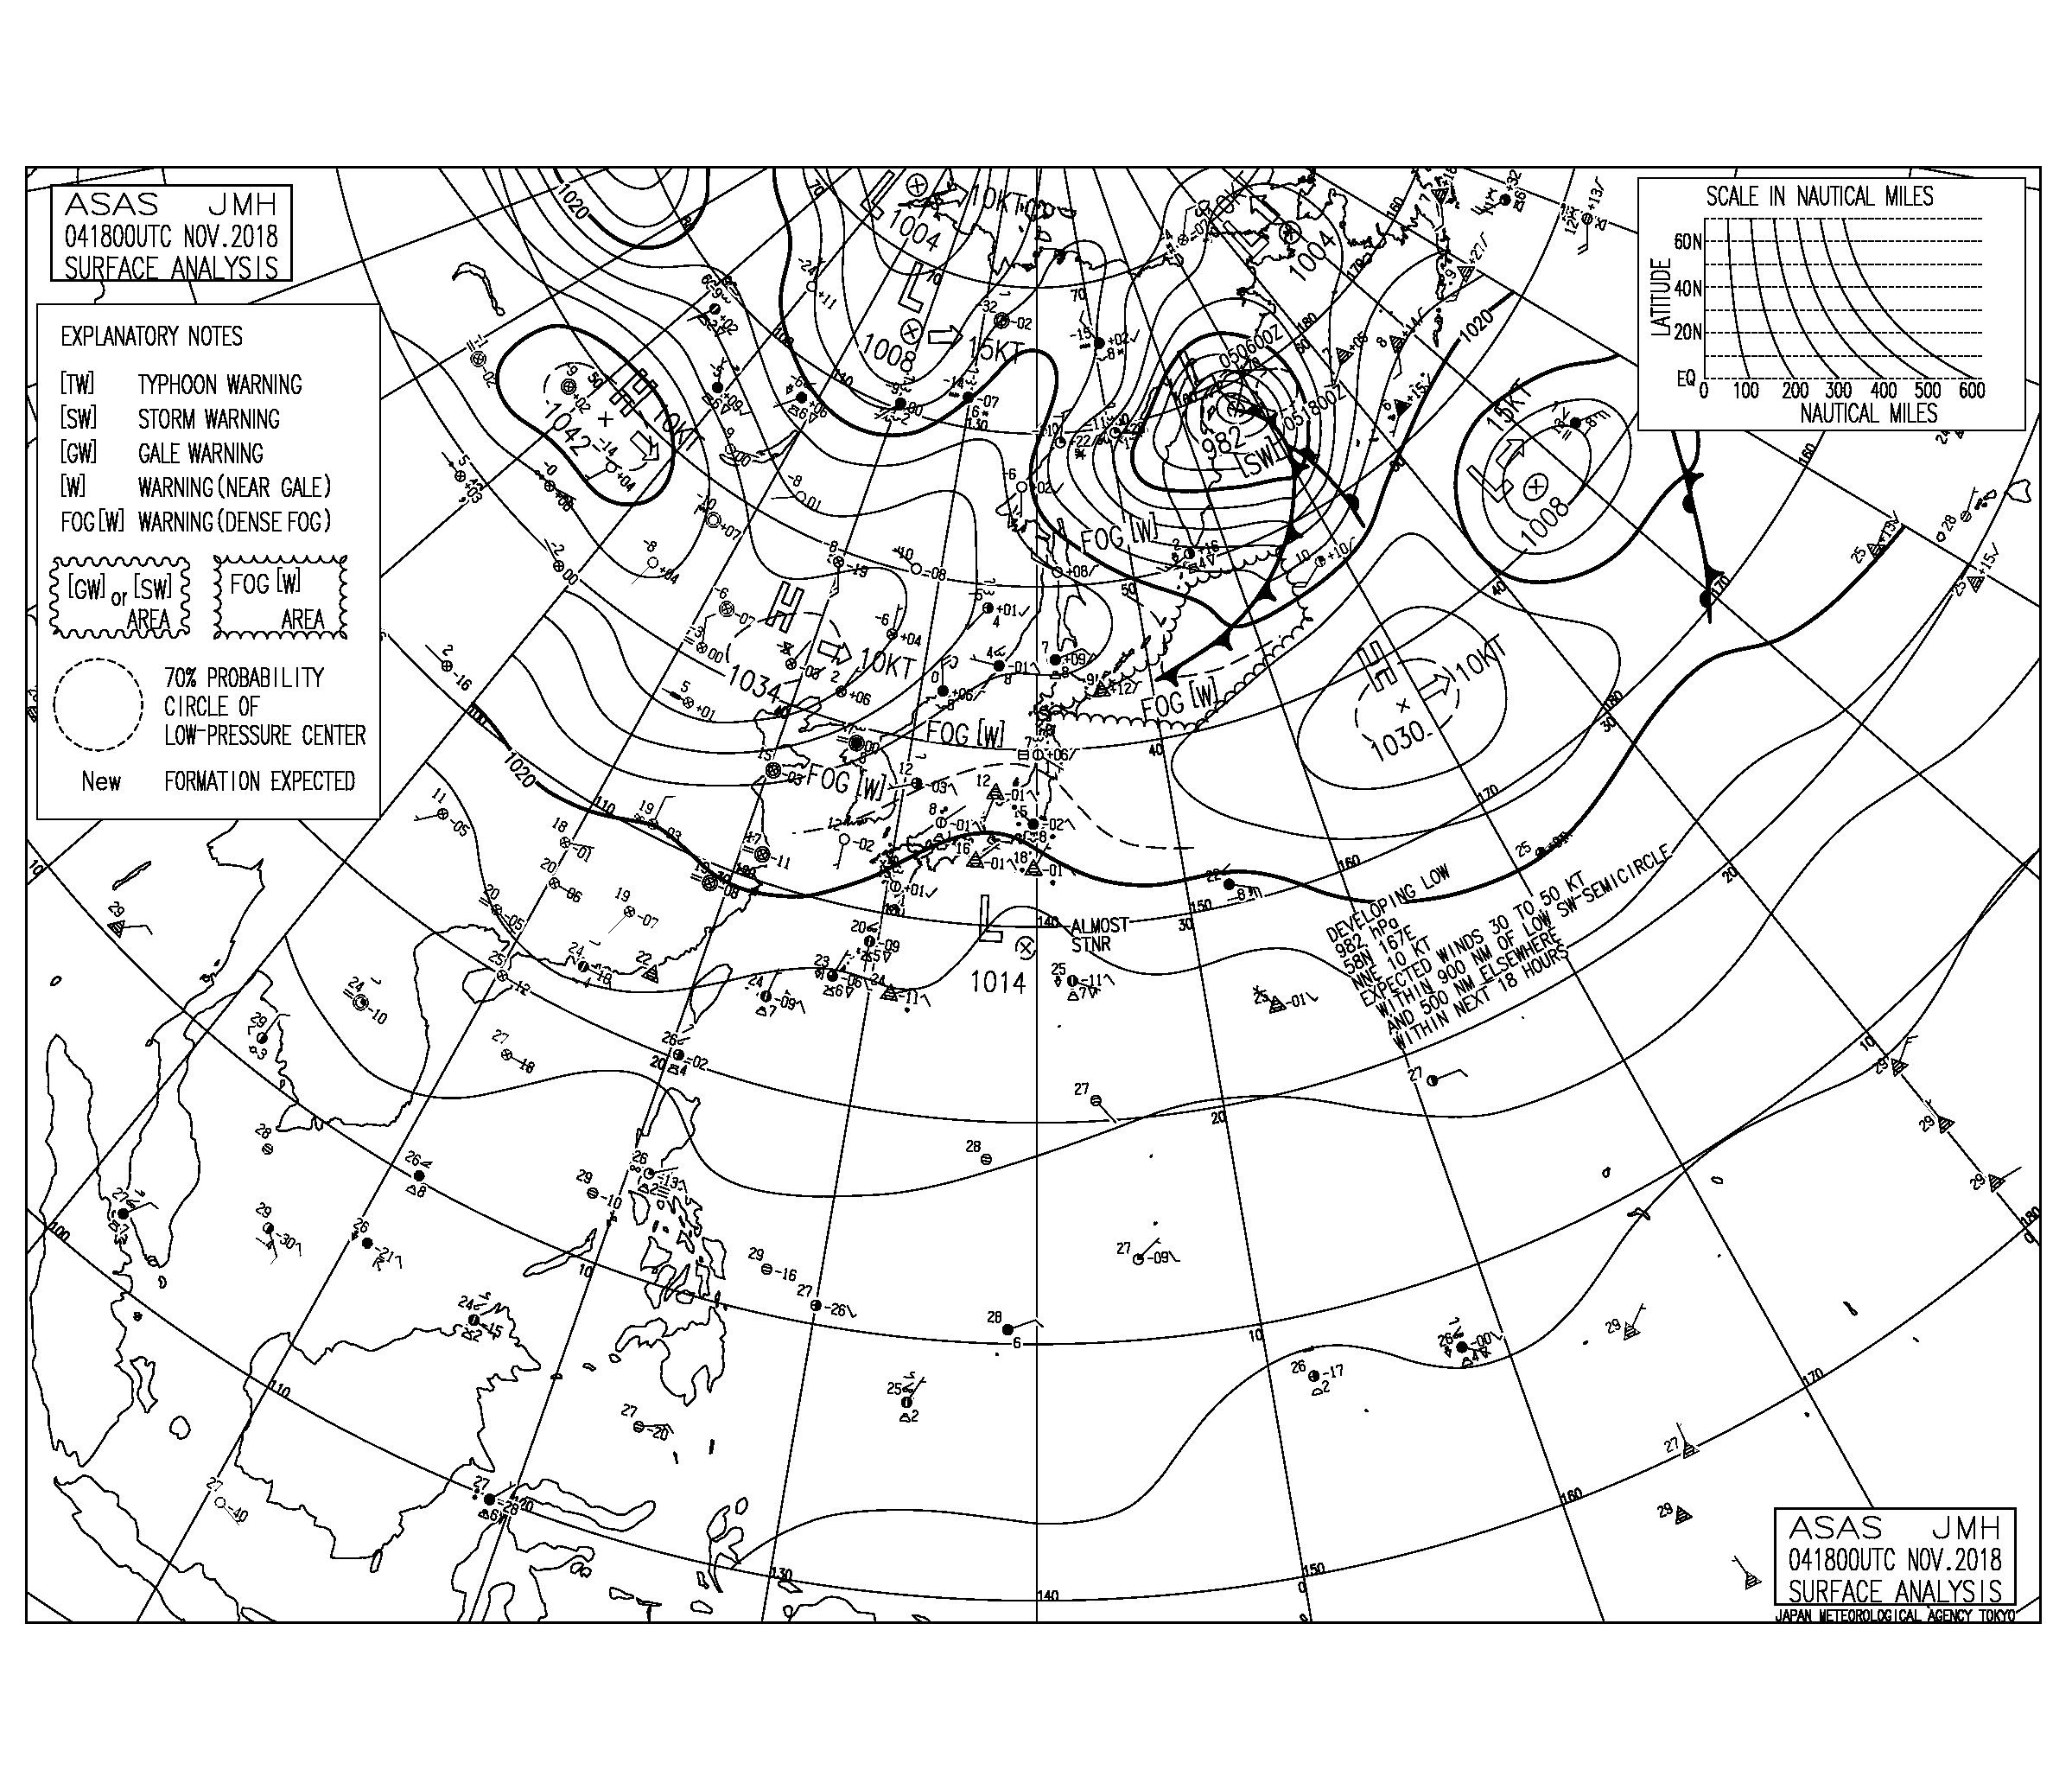 11/5 気圧配置と波情報~高気圧が東へシフトし太平洋側は東から南東うねりに反応しやすい気圧配置